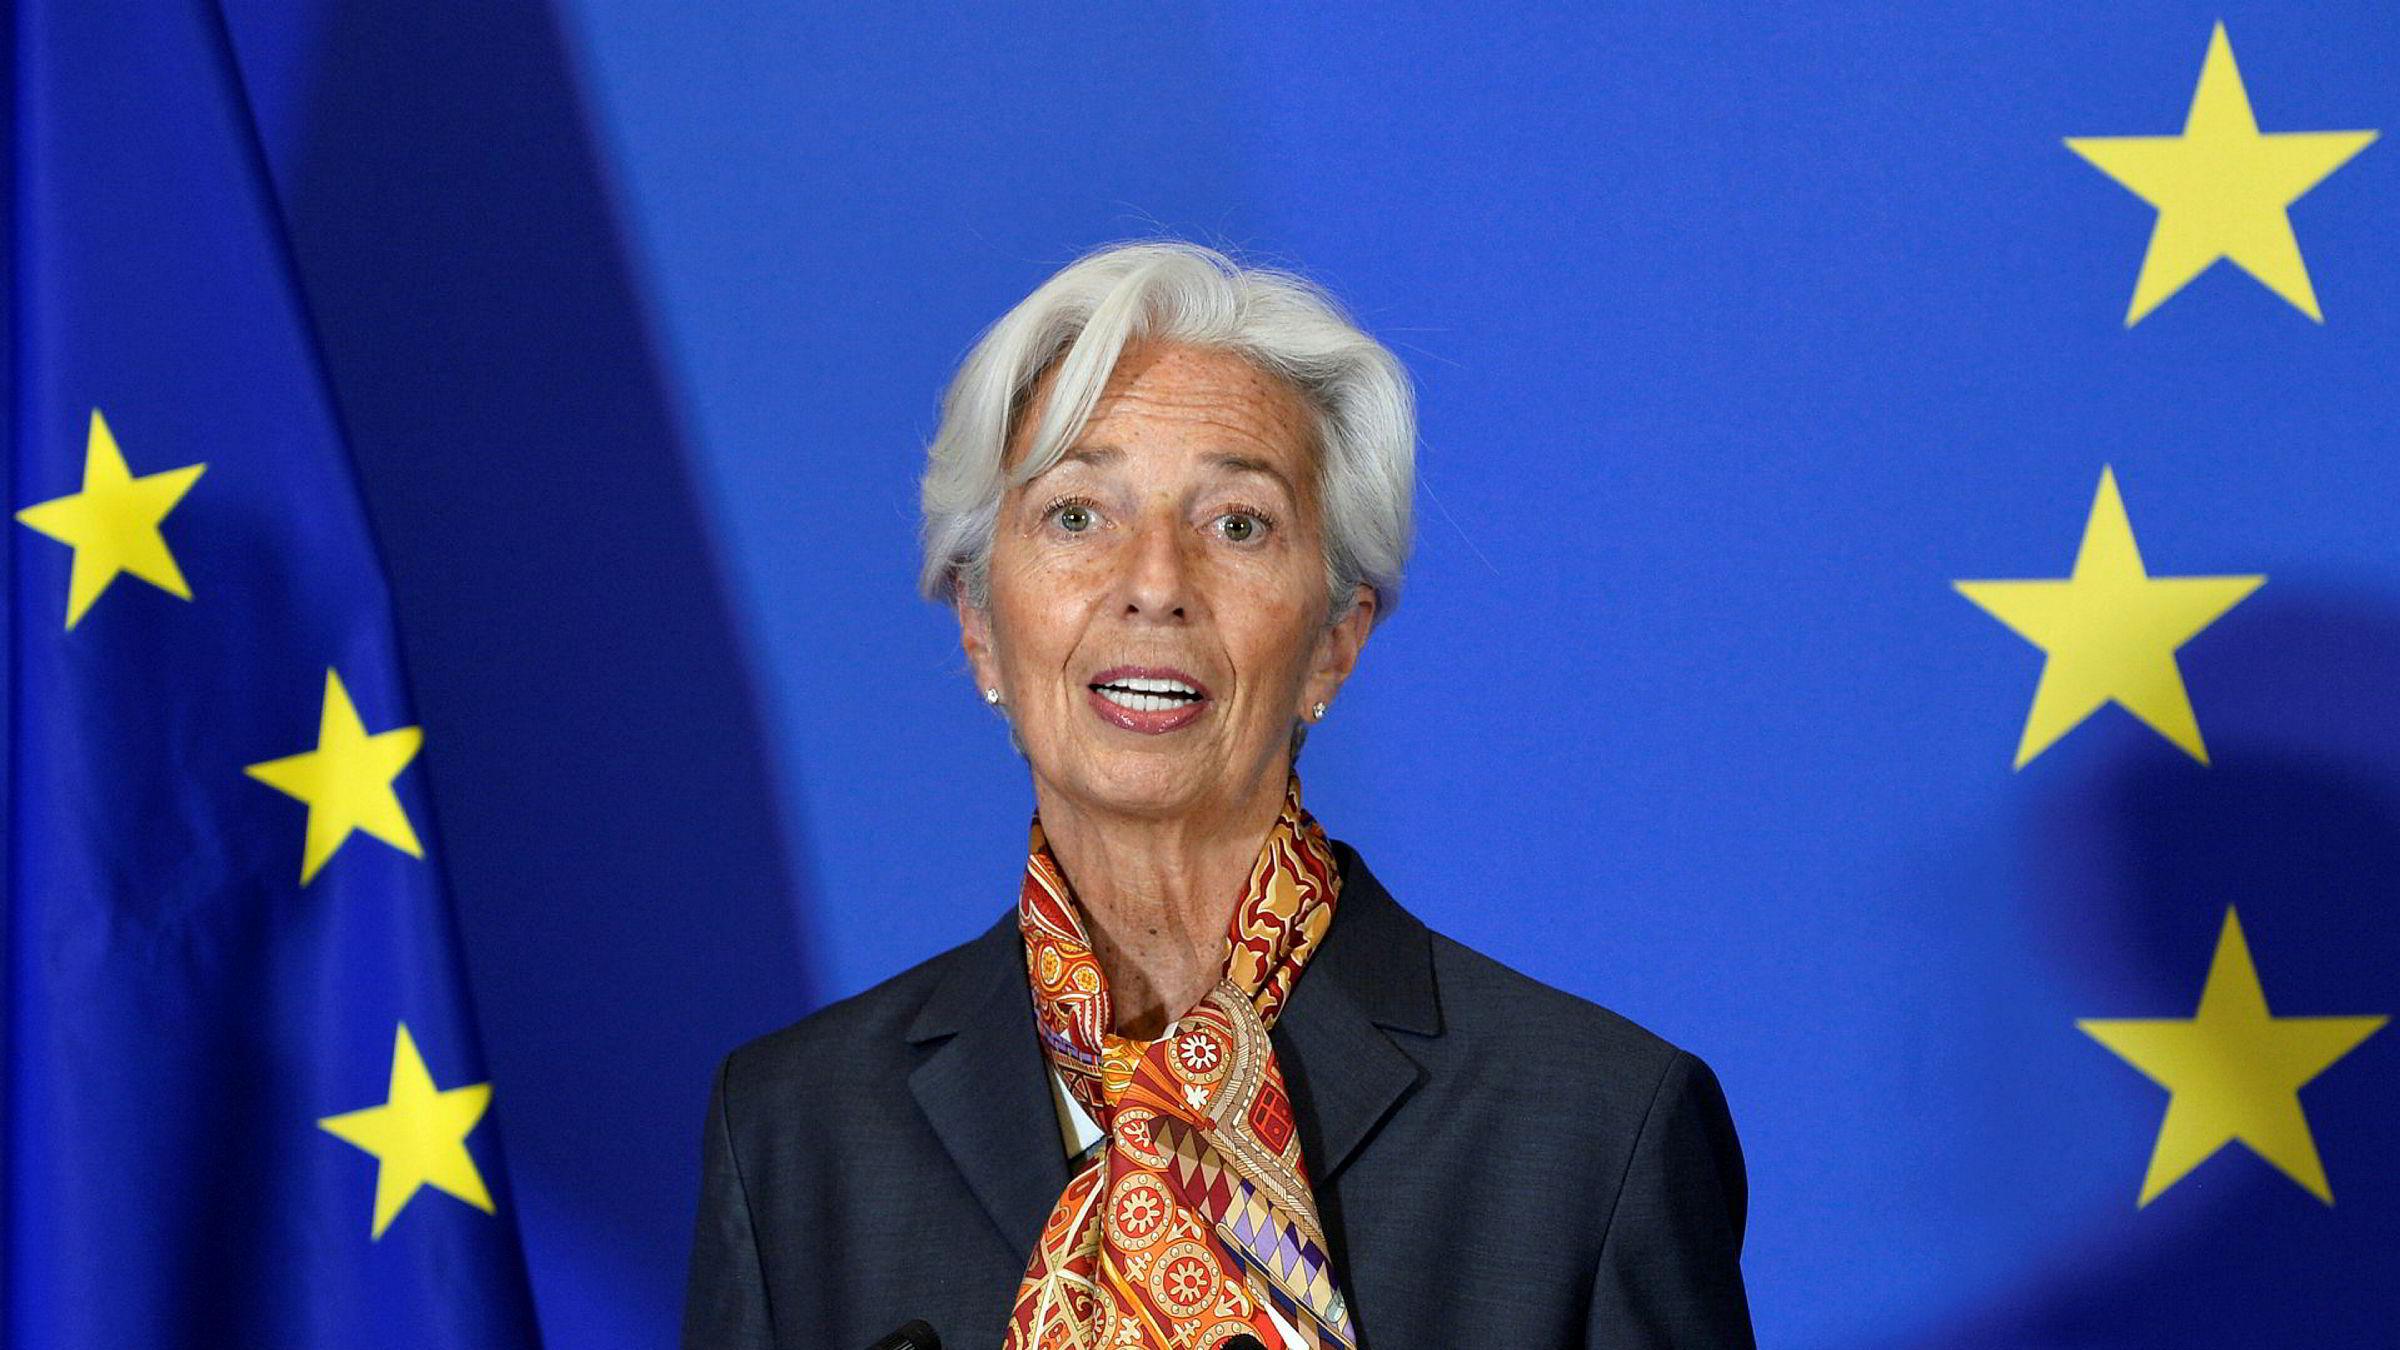 ECB-sjef Christine Lagarde annonserte onsdag at banken vil kjøpe obligasjoner og verdipapirer for 750 milliarder euro for å stabilisere finansmarkedene. Det hjalp ikke stort.